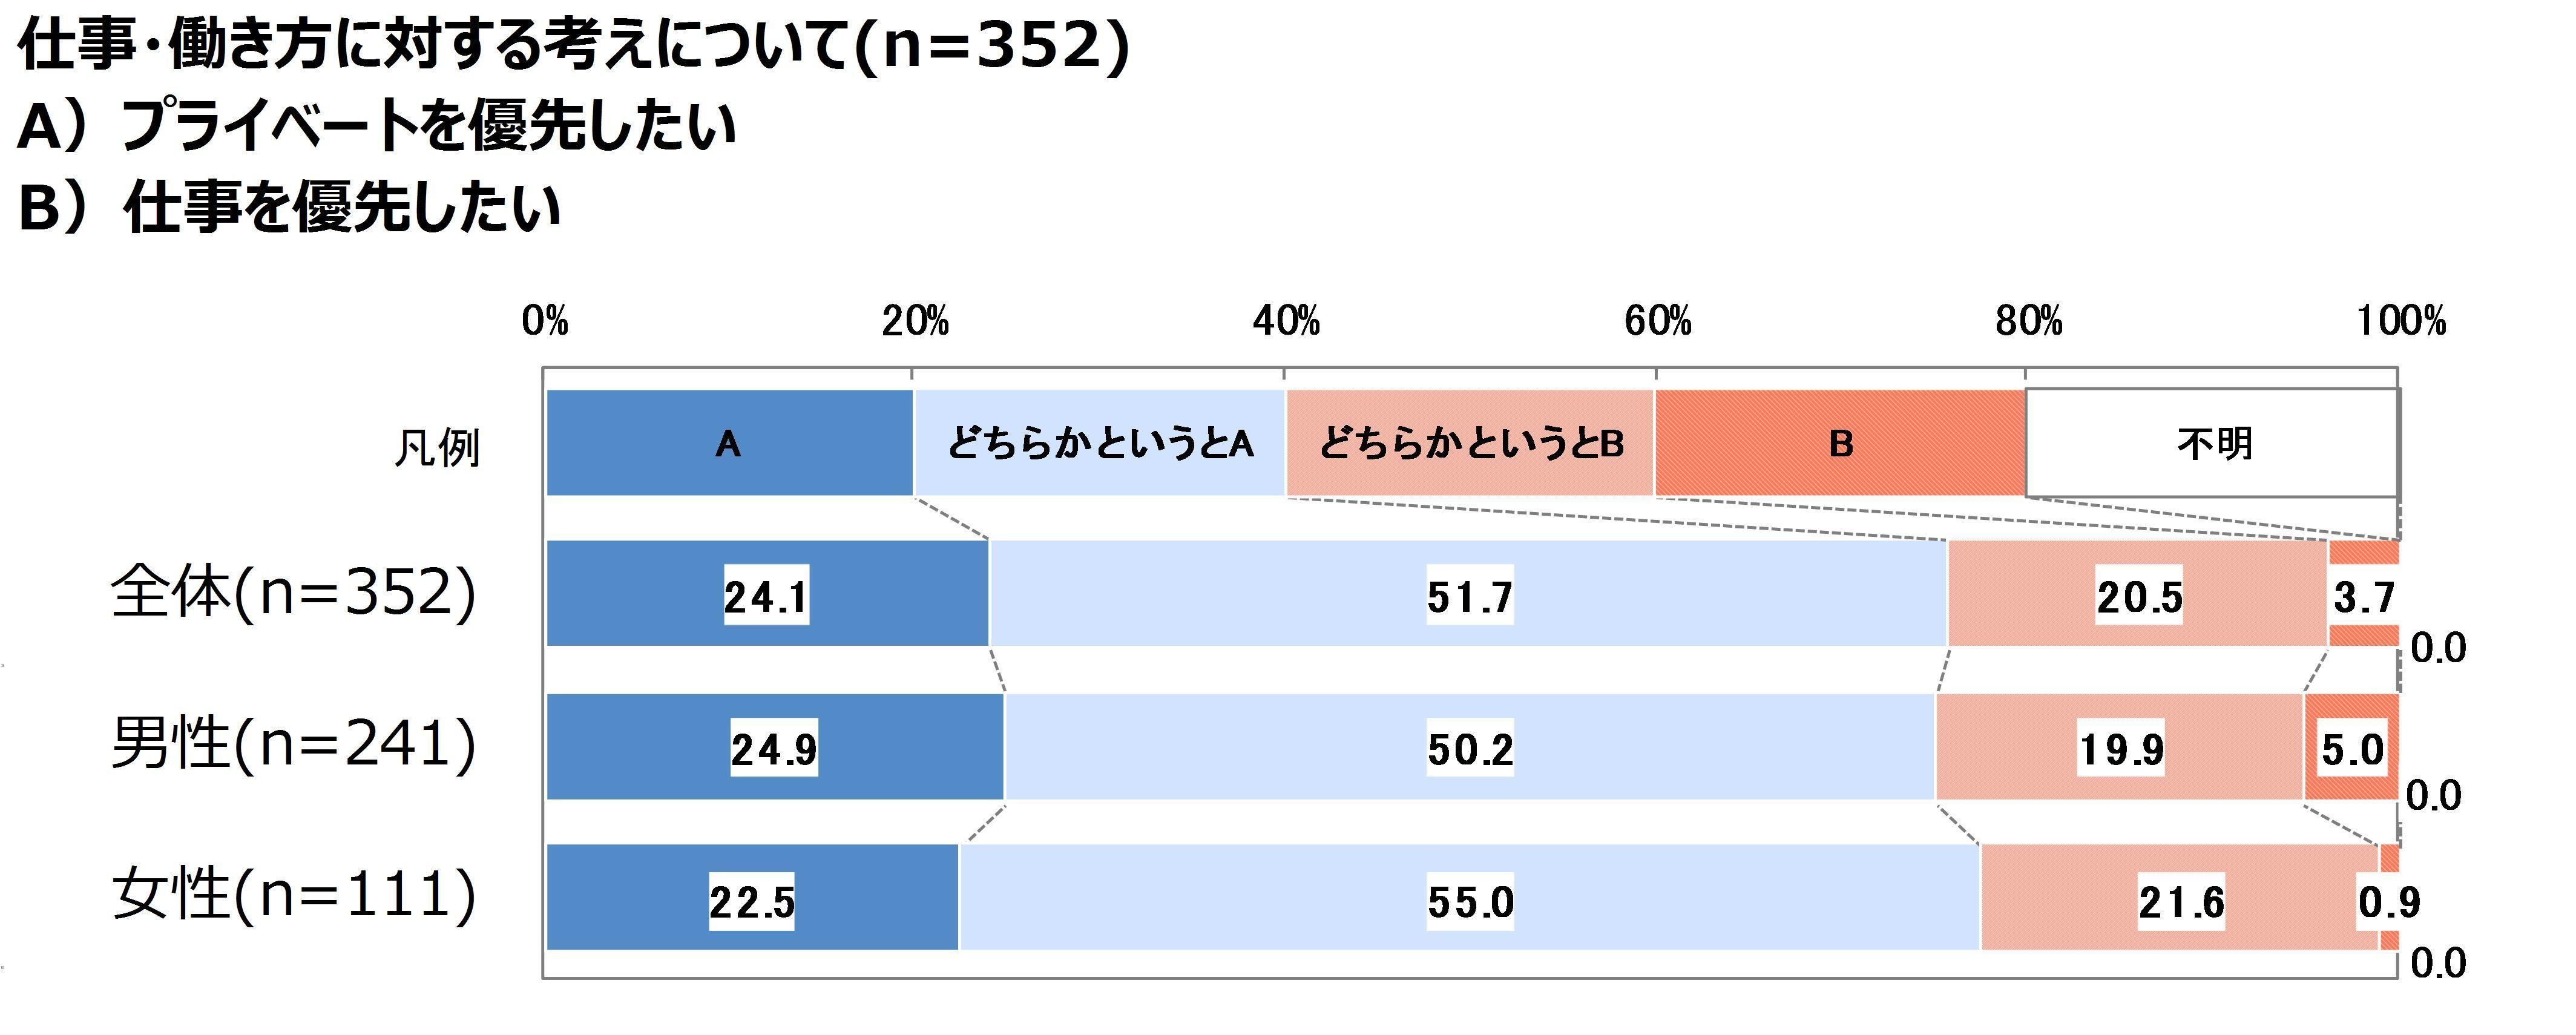 https://www.atpress.ne.jp/releases/154239/img_154239_5.jpg